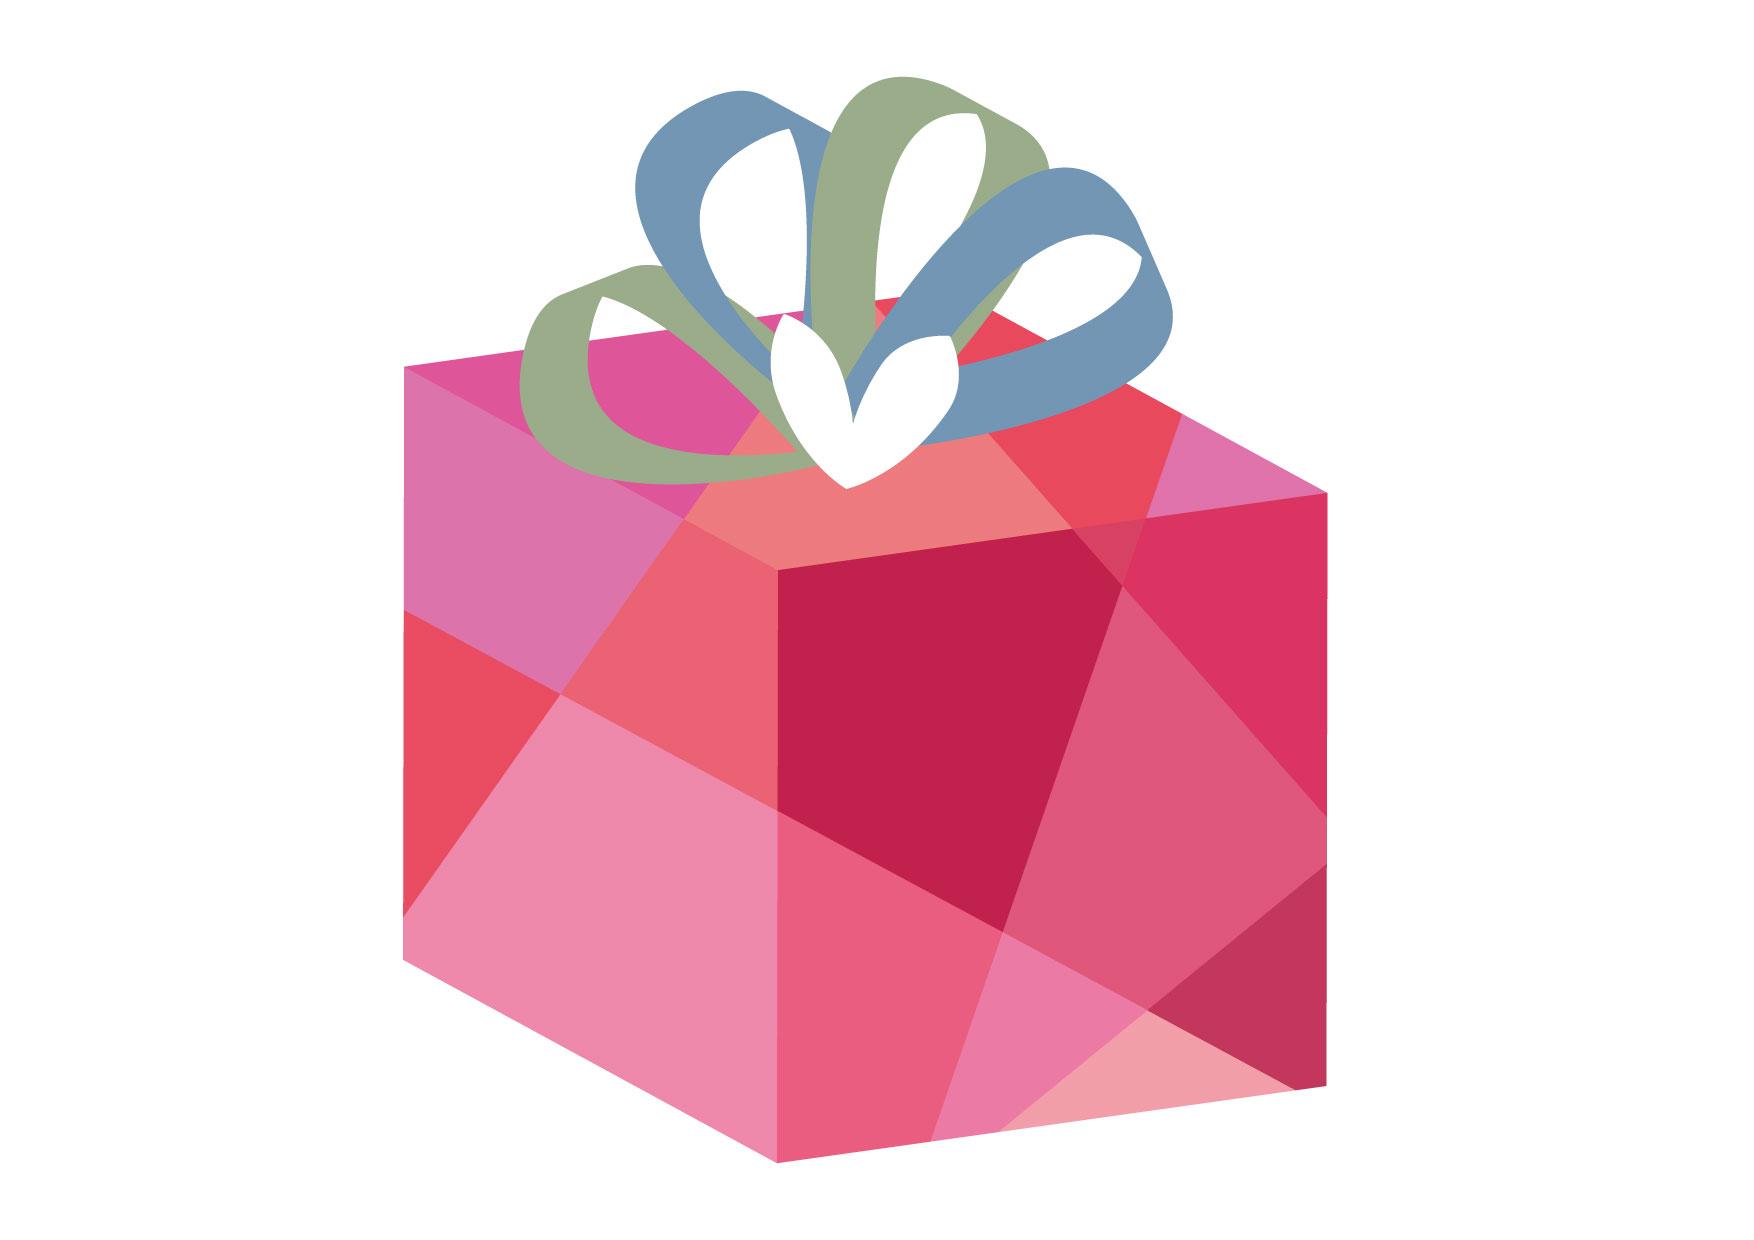 可愛いイラスト無料|バレンタイン ハート プレゼント ピンク − free illustration Valentine Heart Present Pink